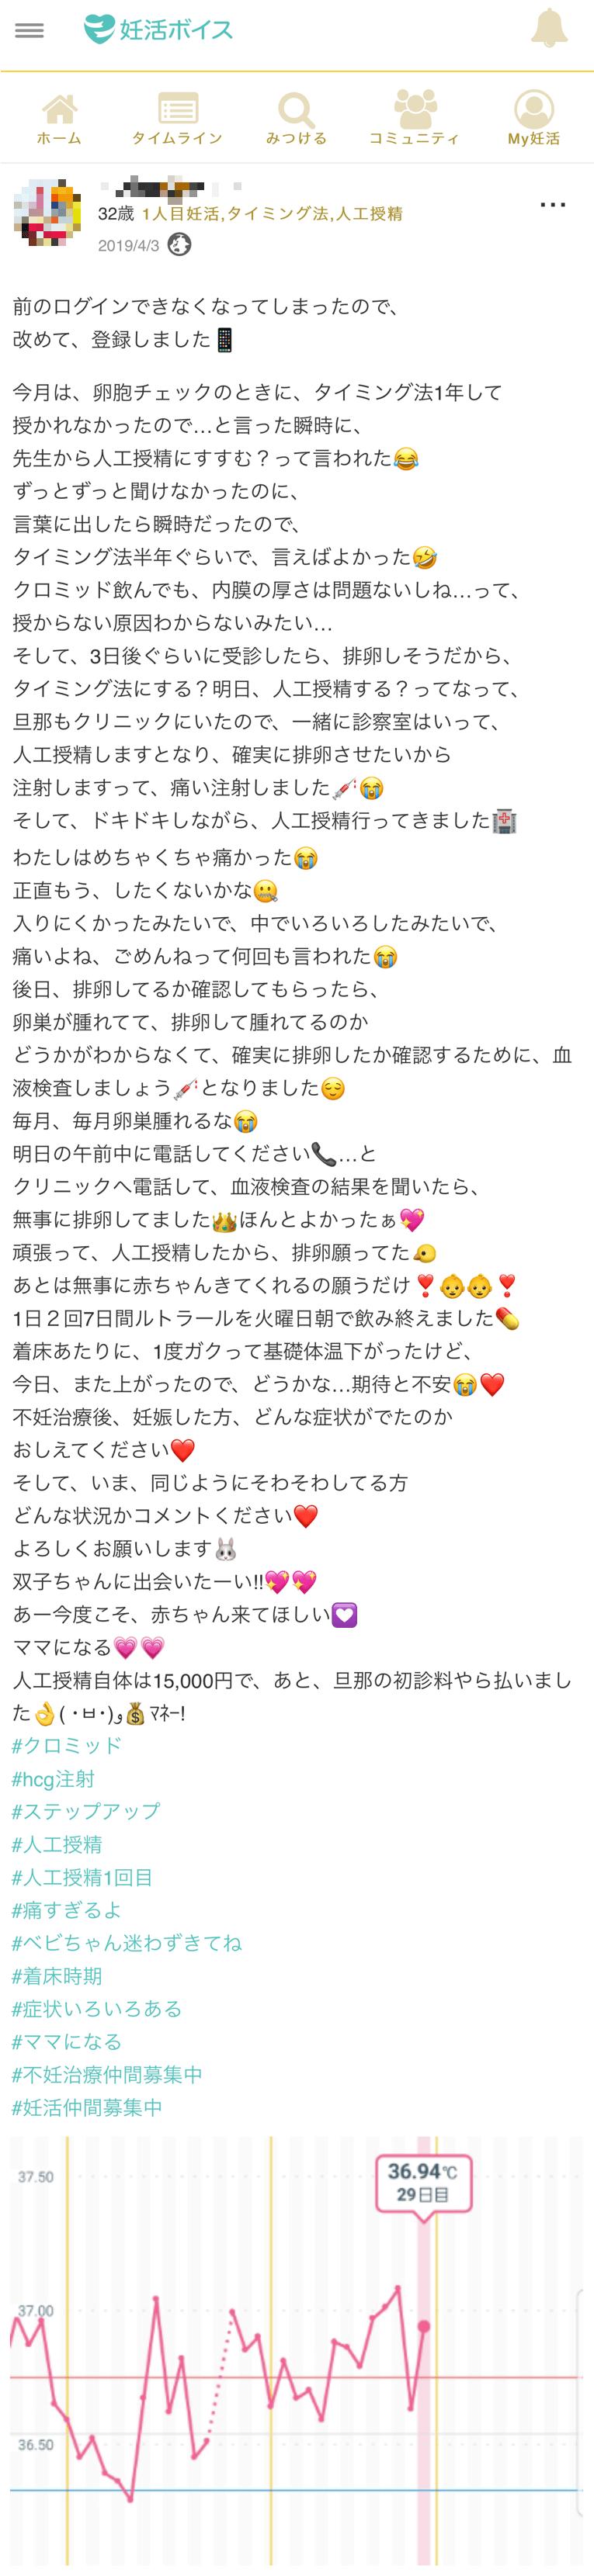 aさん(32歳・1人目妊活・タイミング法・人工授精)